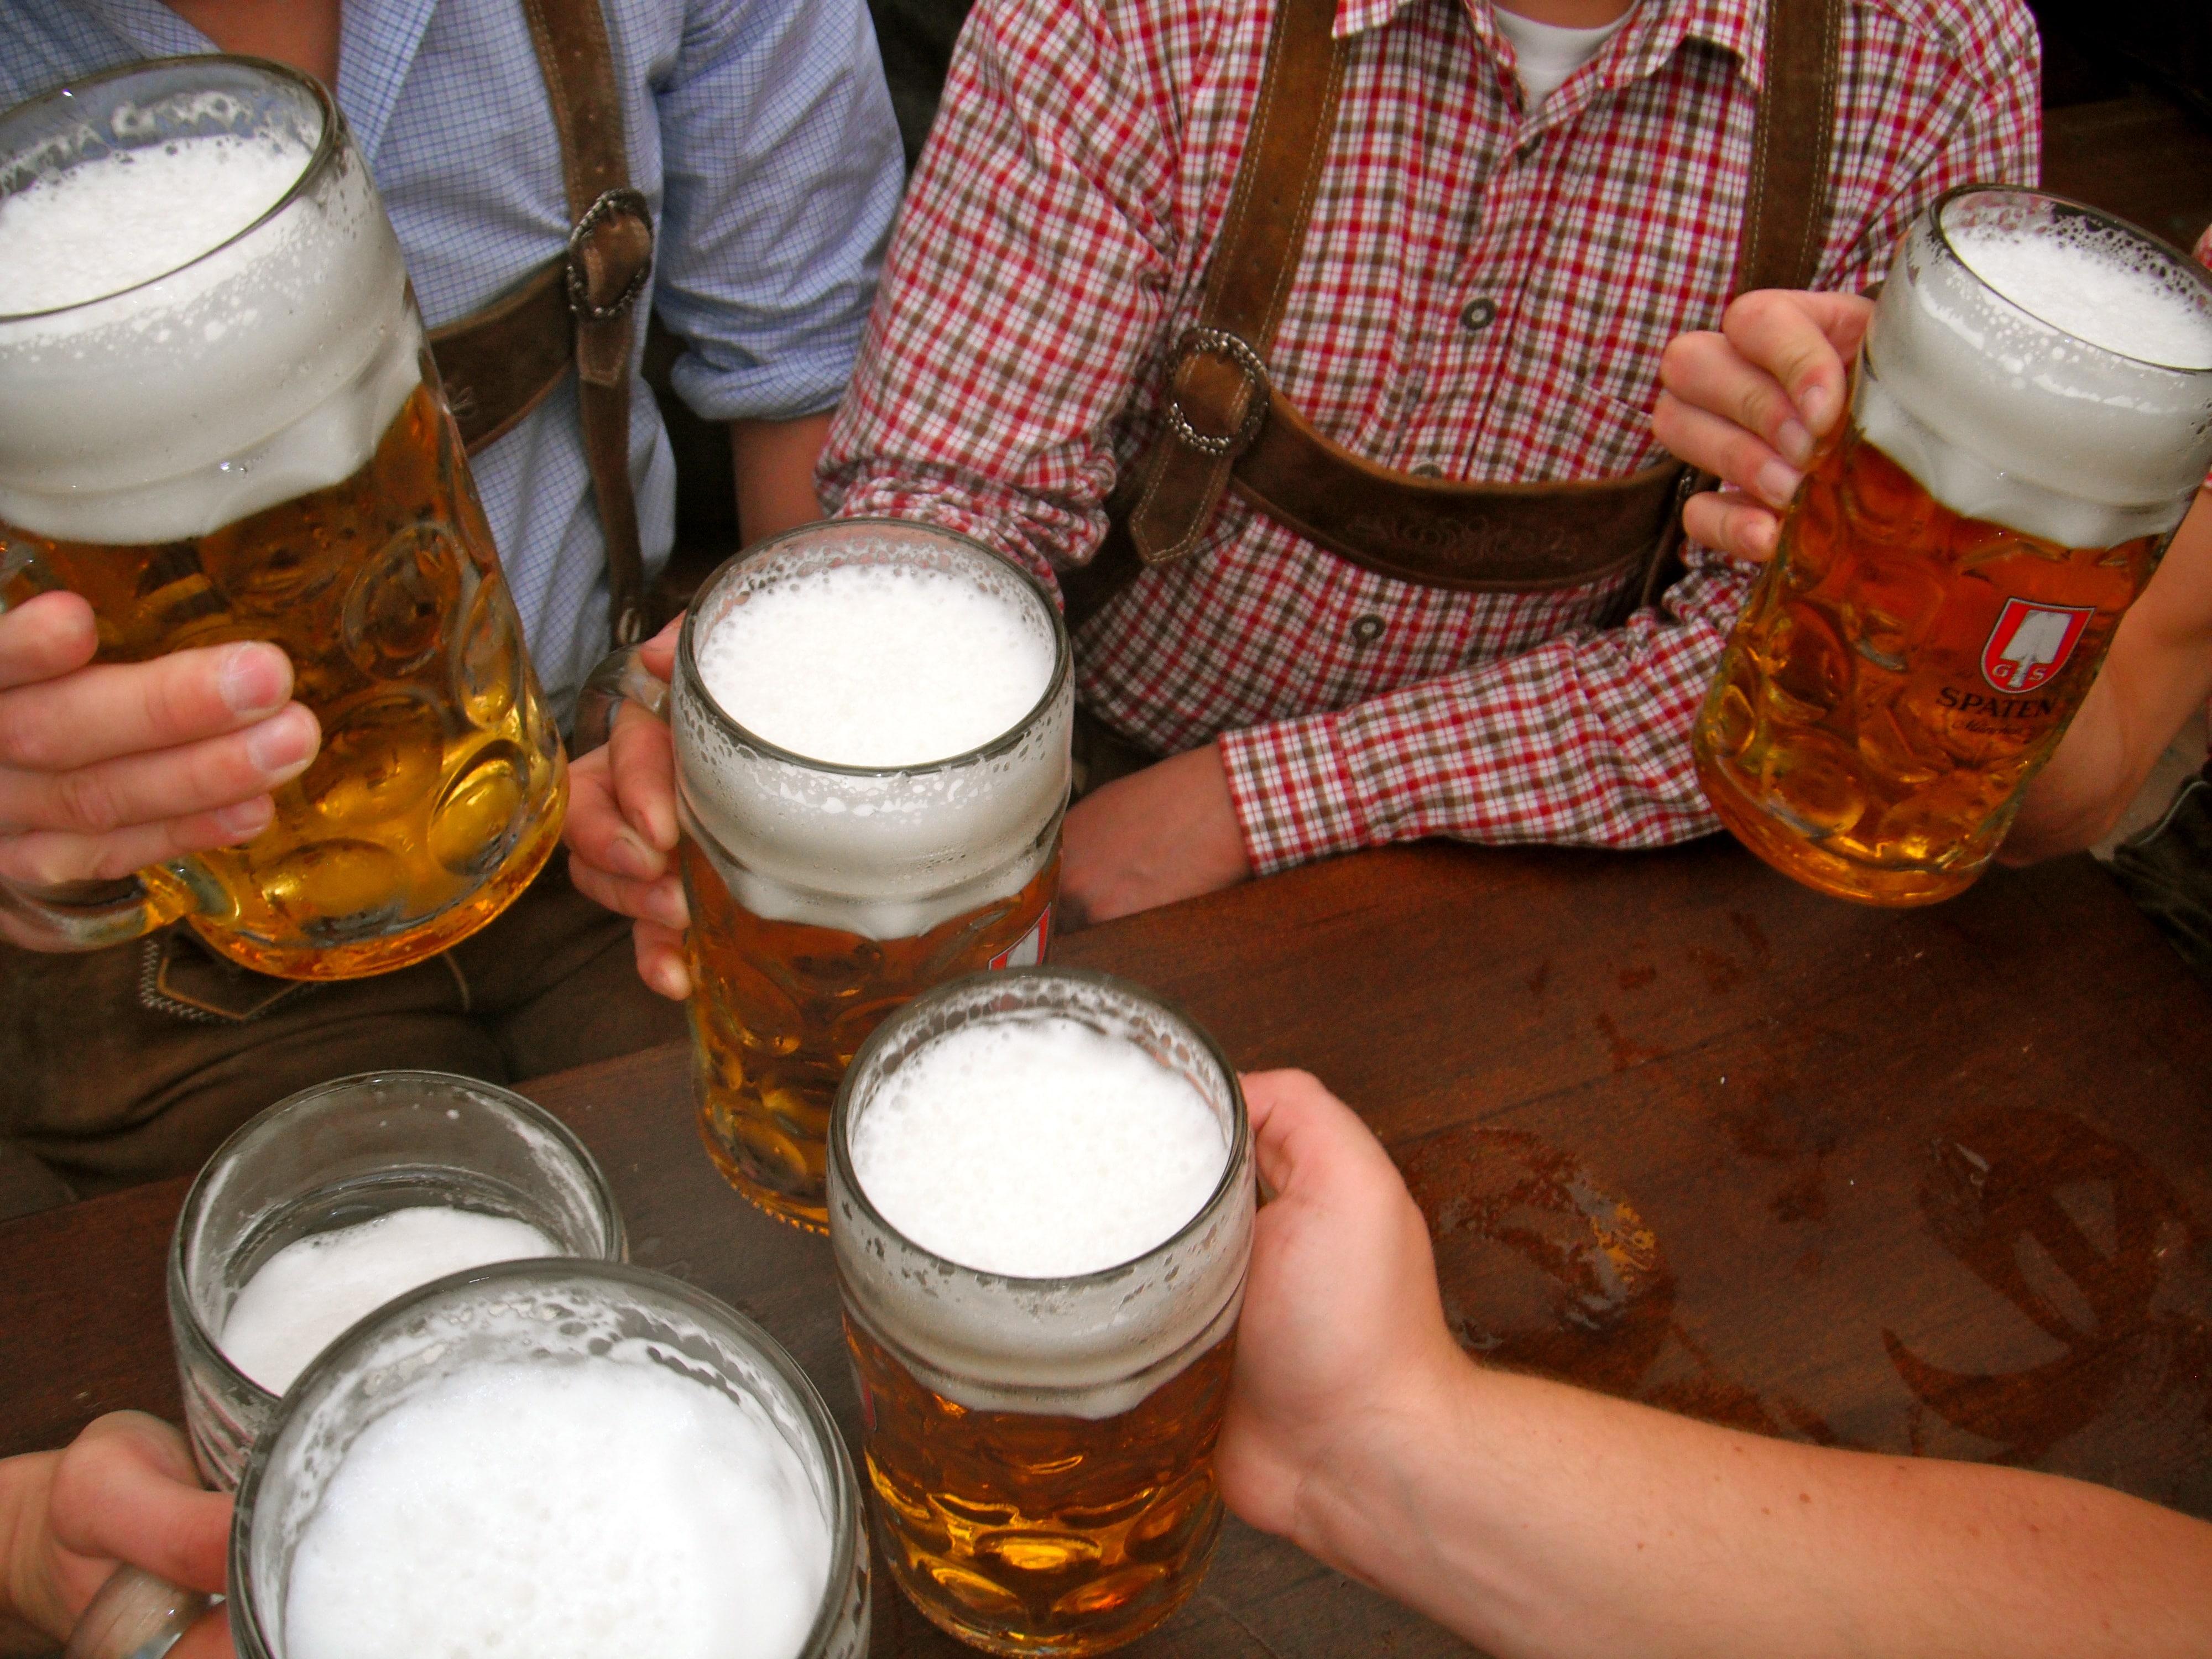 Decima edizione della versione monegasca della festa tradizionale tedesca dal 23 al 31 ottobre